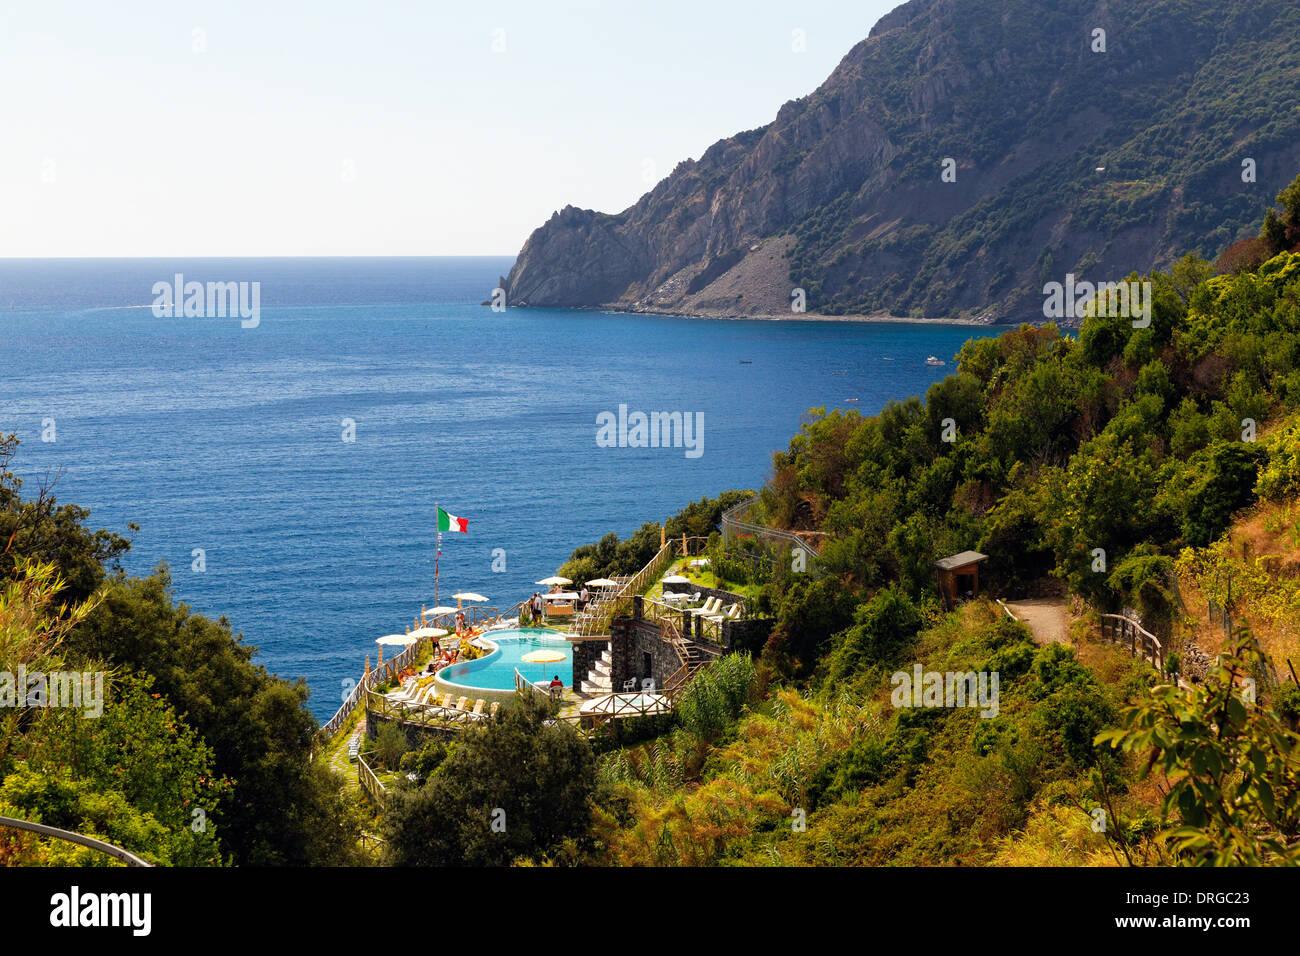 Angolo di Alta Vista della costa con un pool, Monterosso Al Mare, Cinque Terre Liguria, Italia Immagini Stock